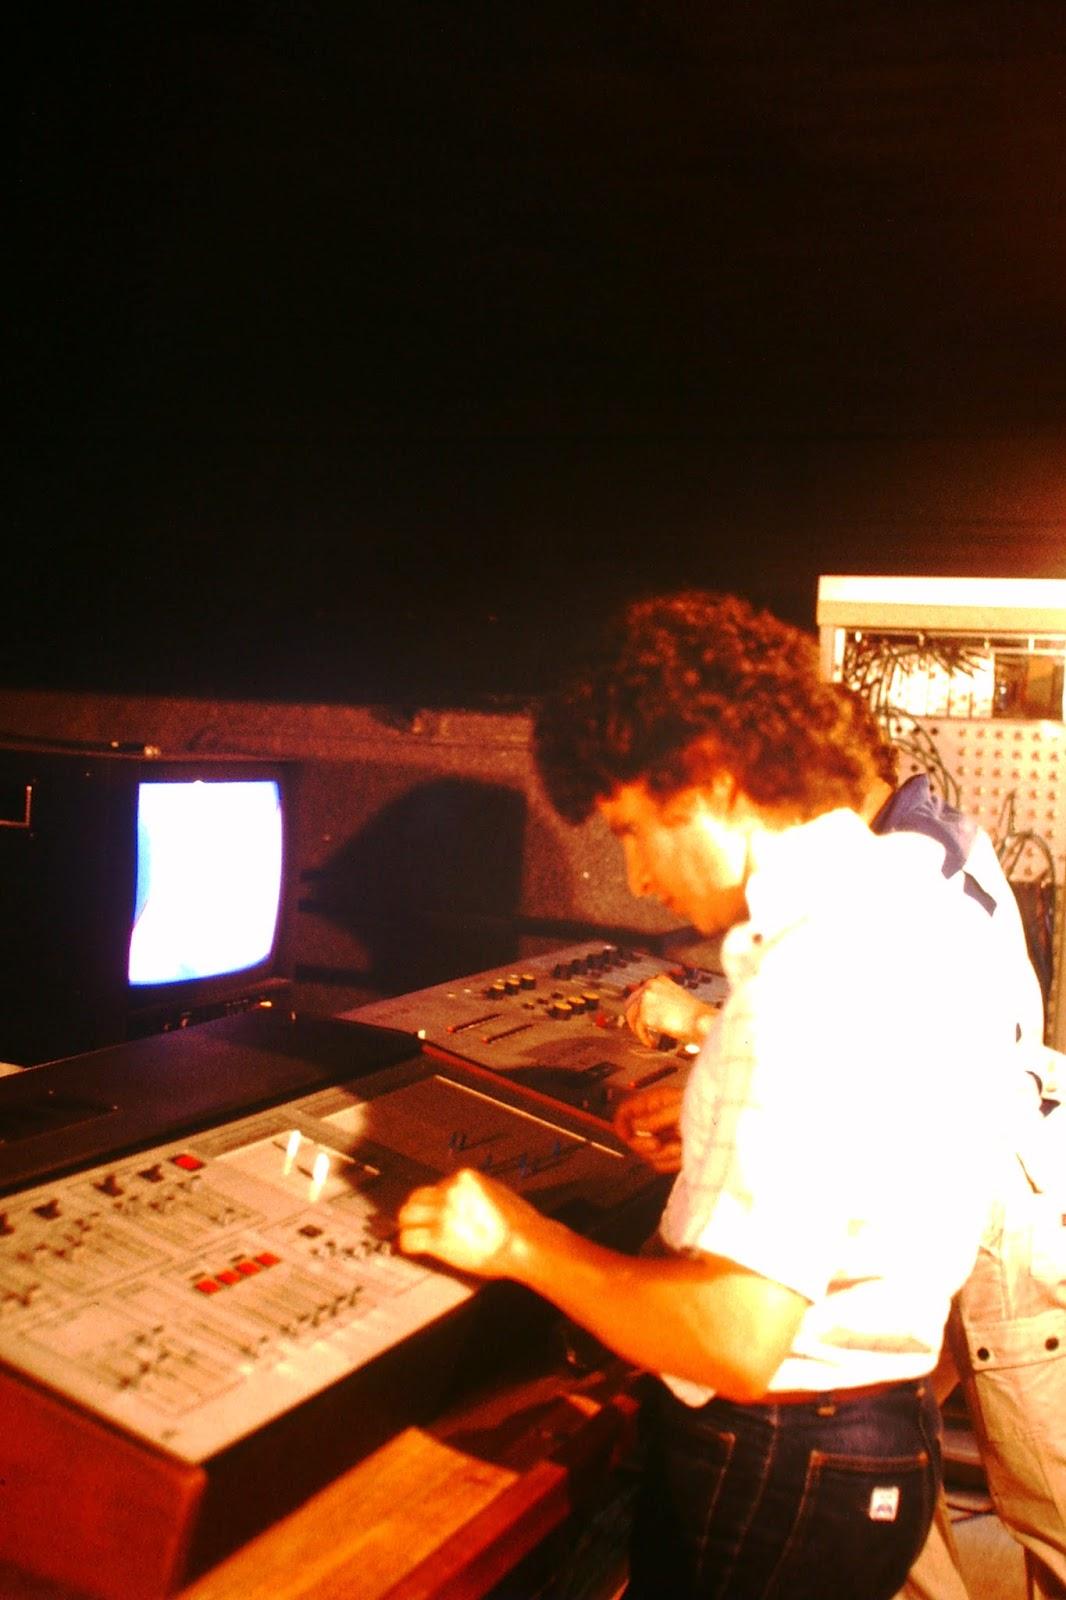 Zanov manipulando el panel del EMS Spectron Video Synthesizer en el estudio Costa et Renouf de París hacia 1980